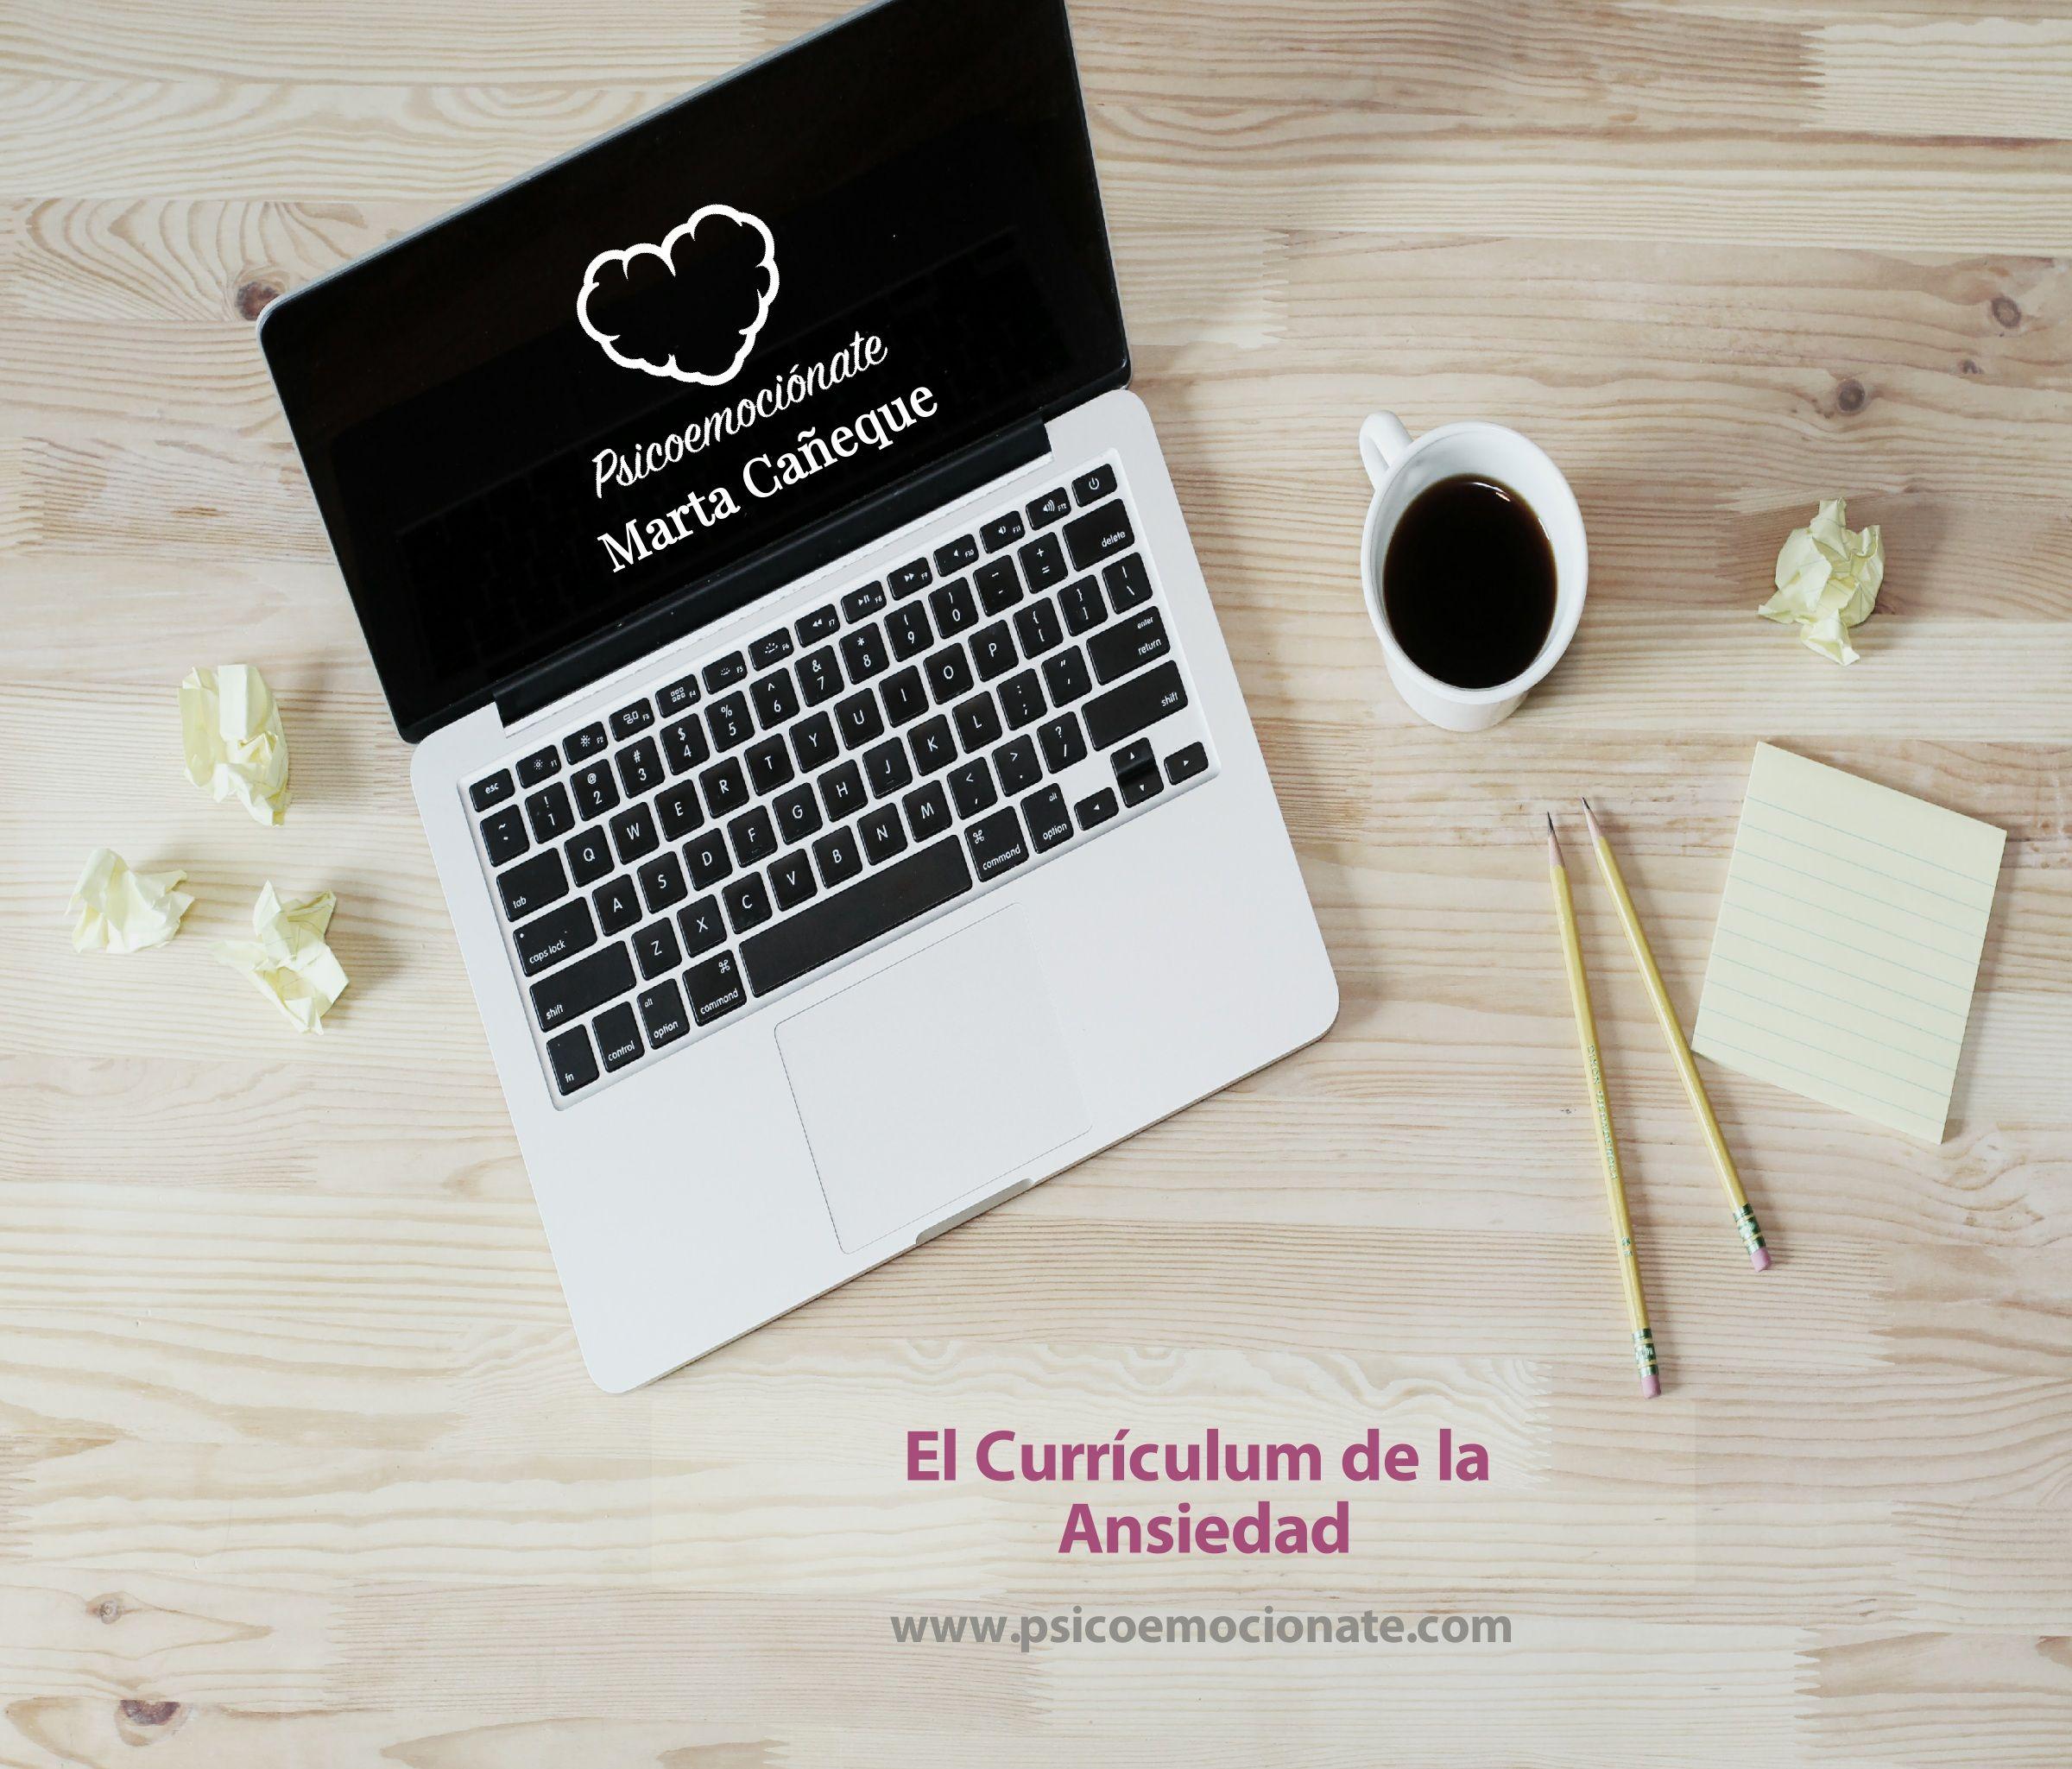 Curriculum ansiedad psicoemocionate